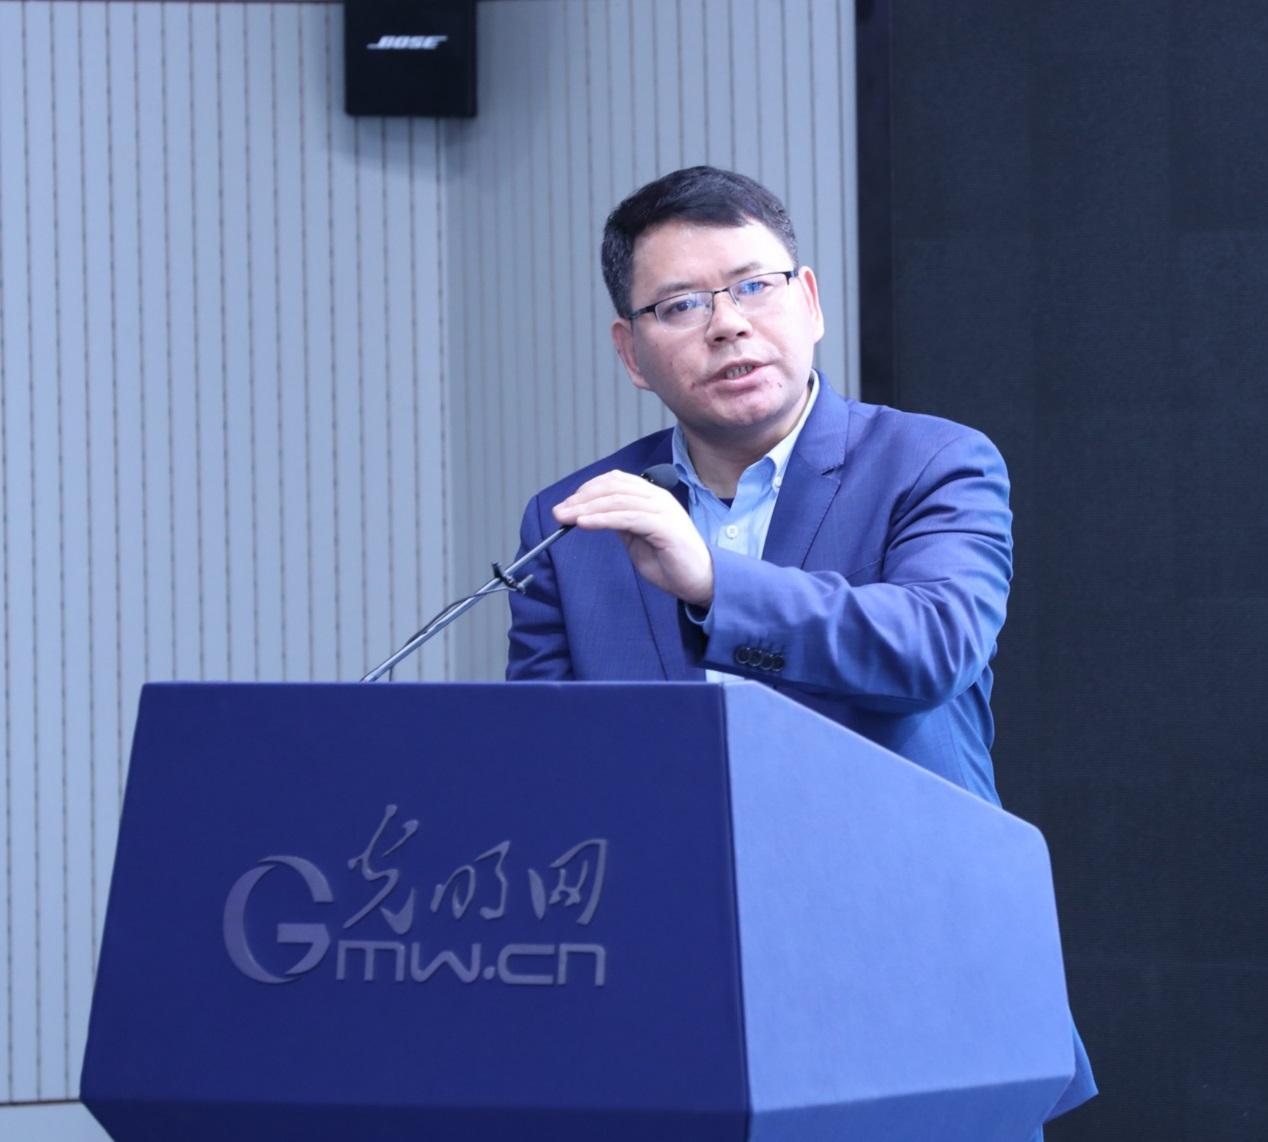 北京理工大学机械与车辆学院教授何洪文   周烨摄